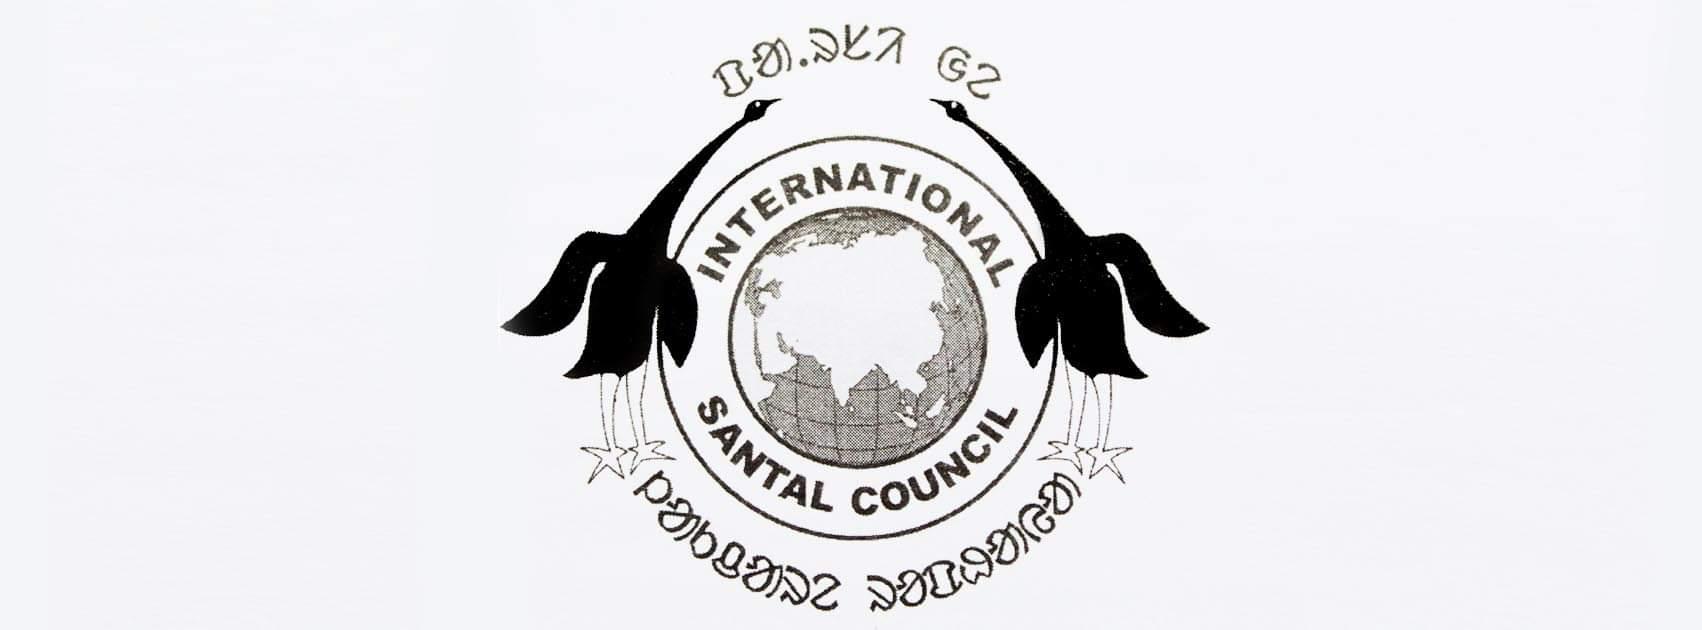 বাংলাদেশে ৯ম আন্তর্জাতিক সাঁওতাল সম্মেলনের প্রস্তুতি|